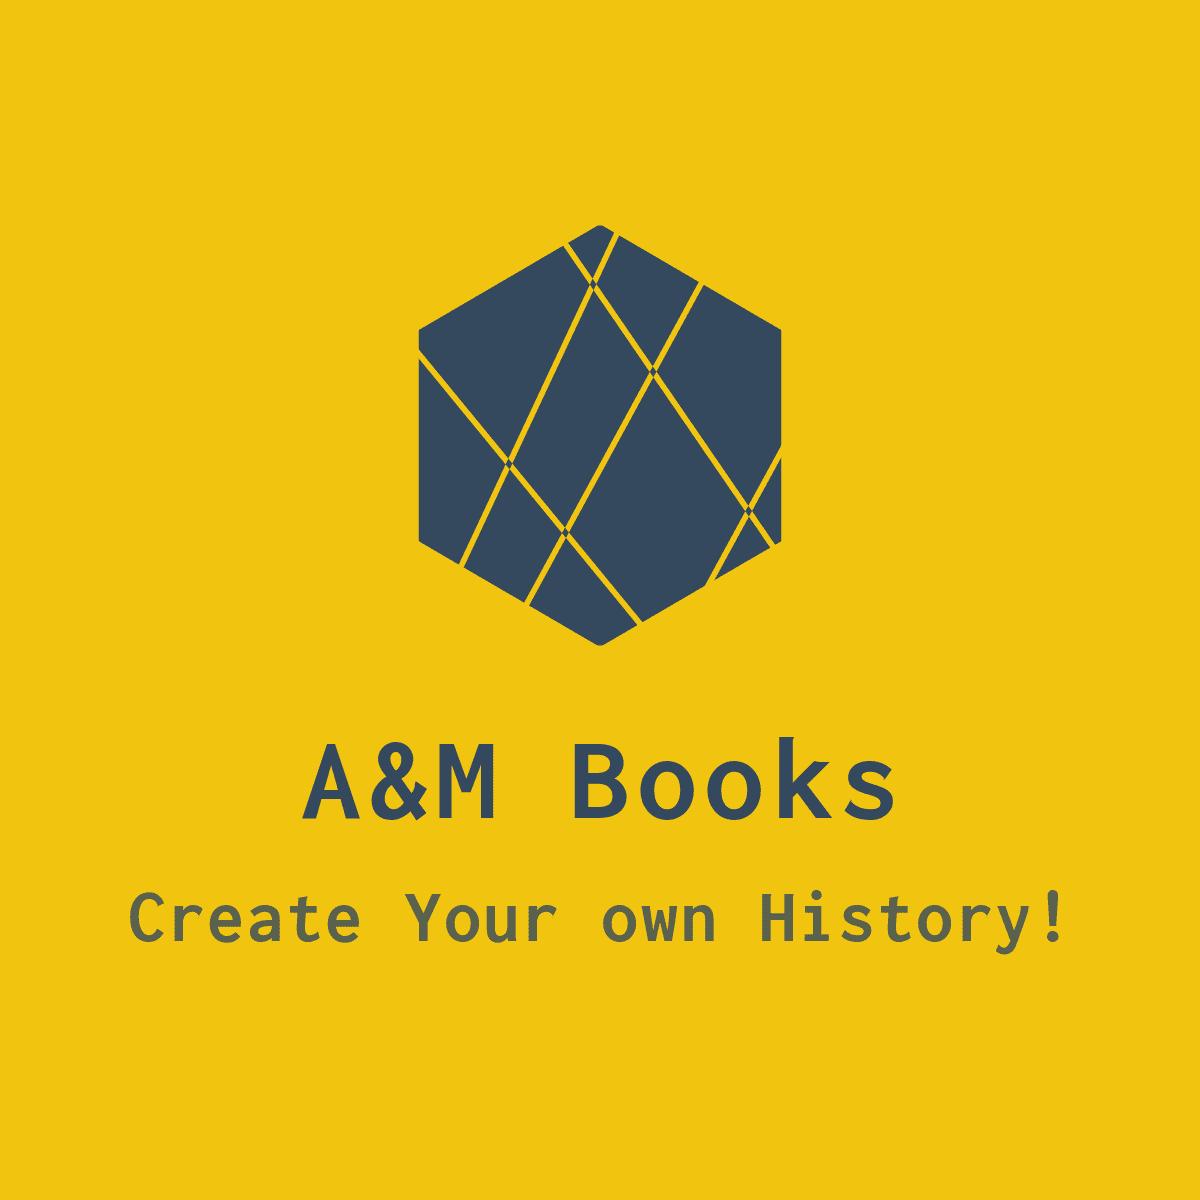 Piszemy o Historii